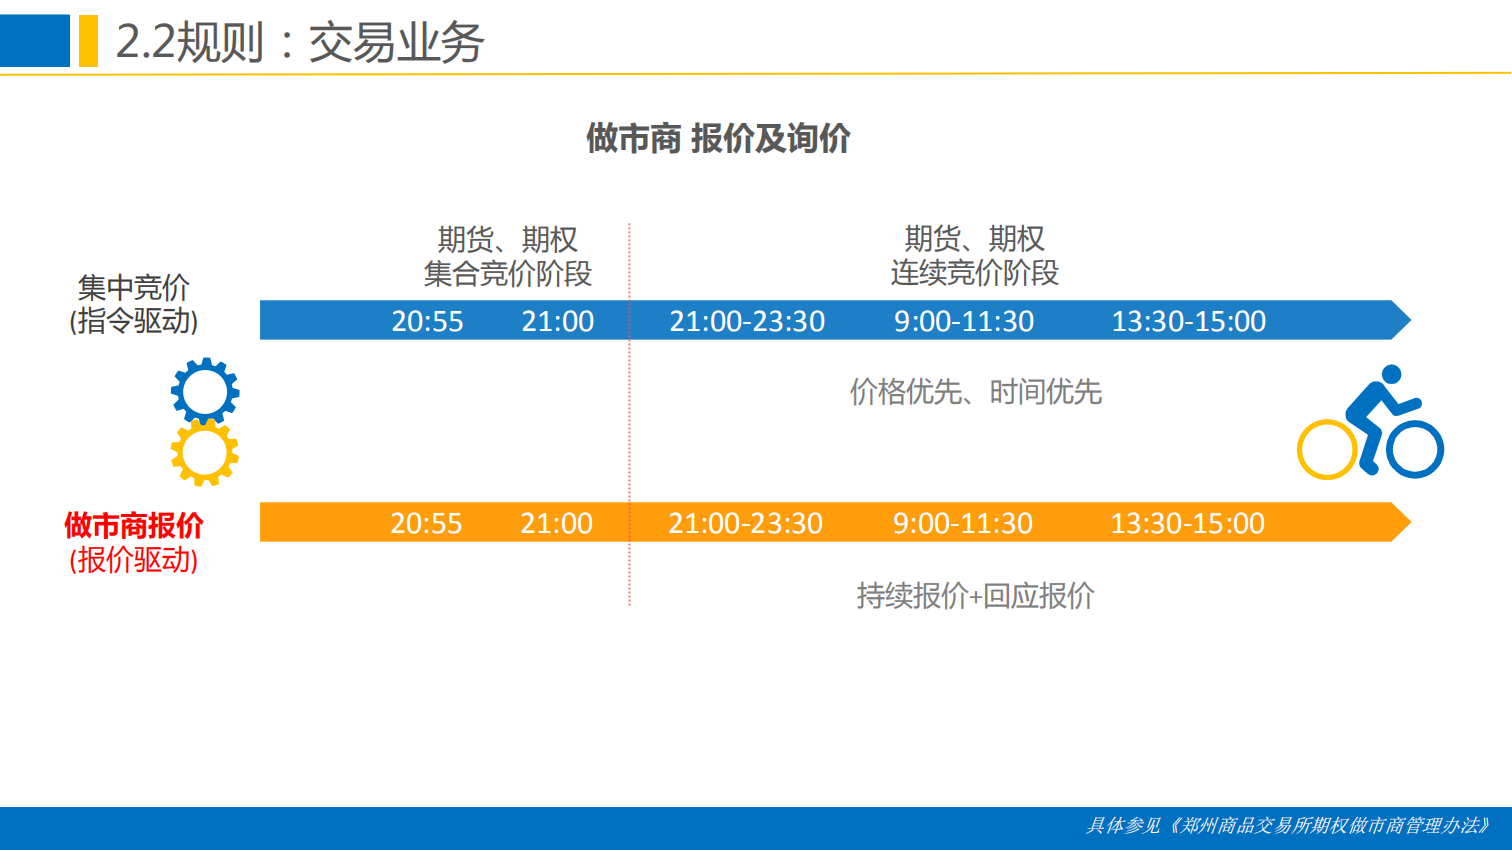 晨会:郑商所培训分享-棉花期权合约规则与上市工作安排0111.pdfx_19.png